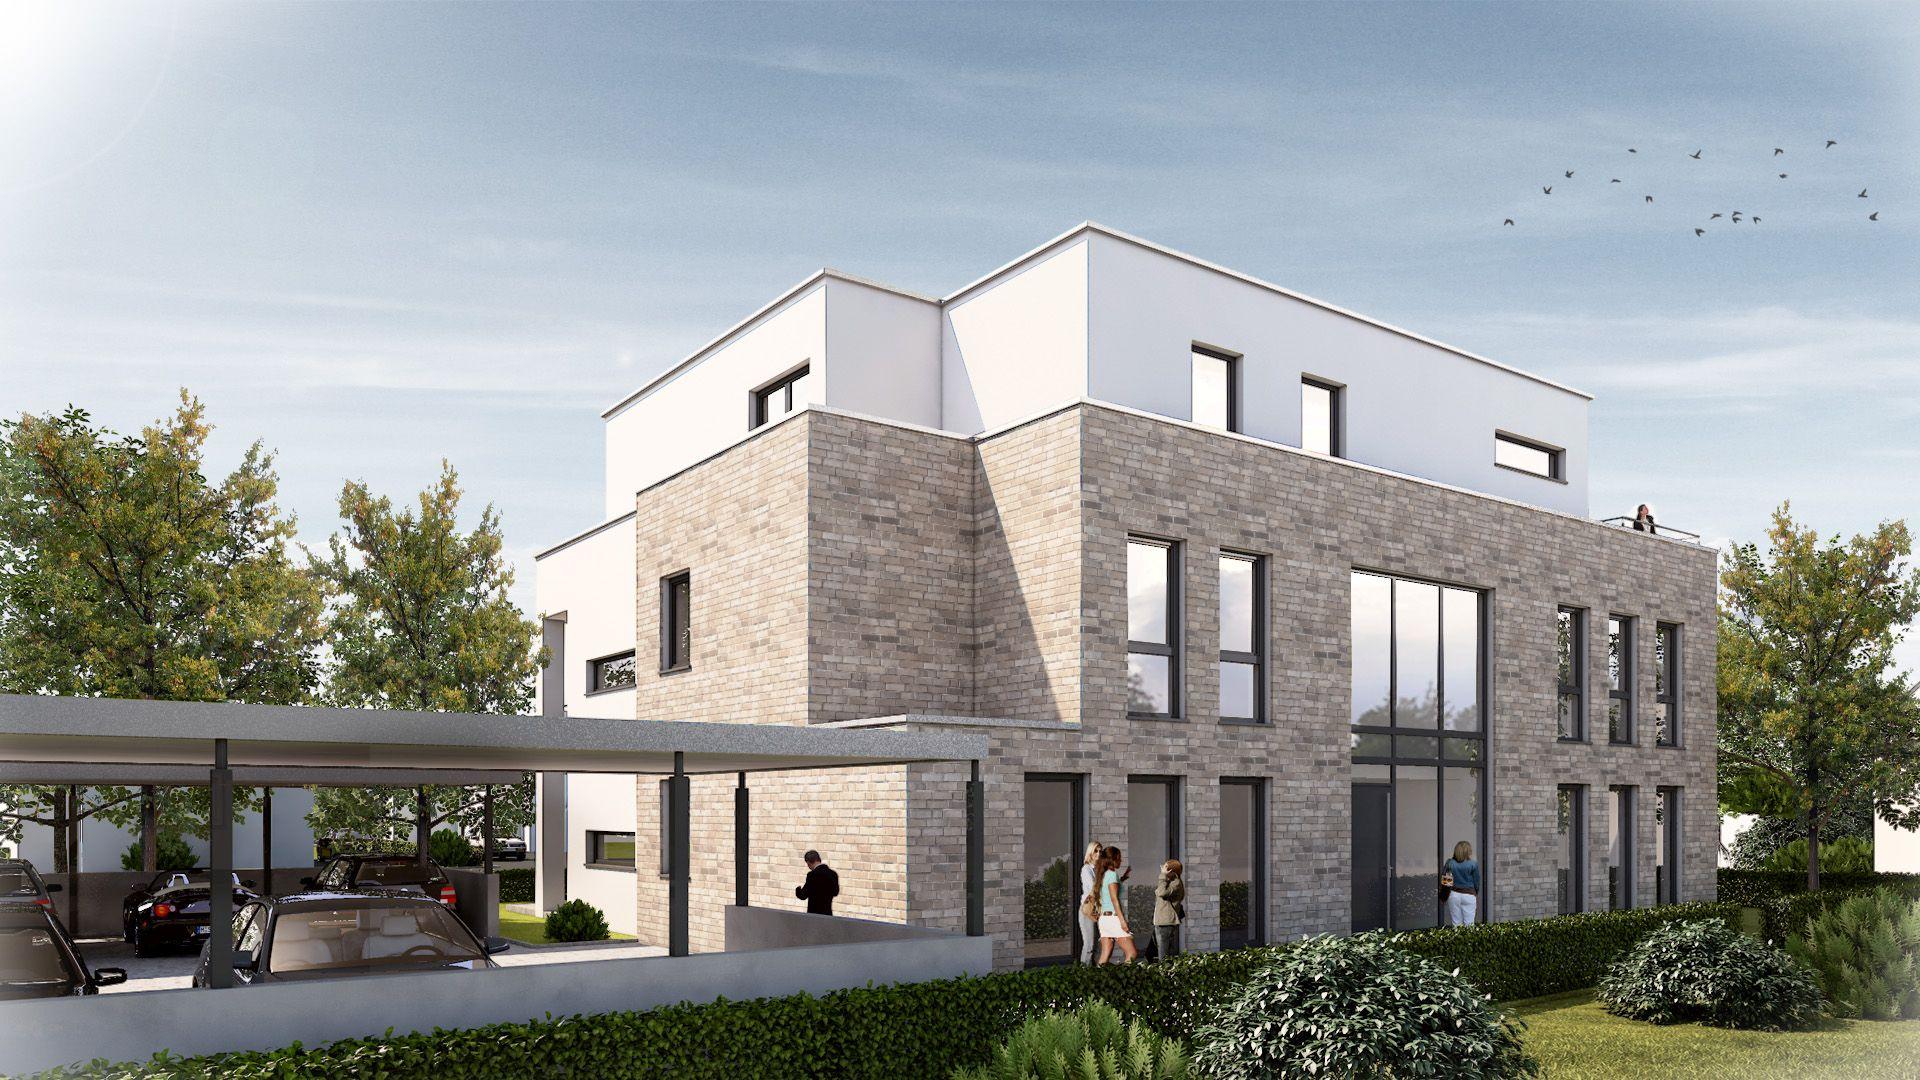 gro z gige neubau etw erdgeschoss mit terrasse und fahrstuhl kfw 55 gt kattenstroth id 2394. Black Bedroom Furniture Sets. Home Design Ideas